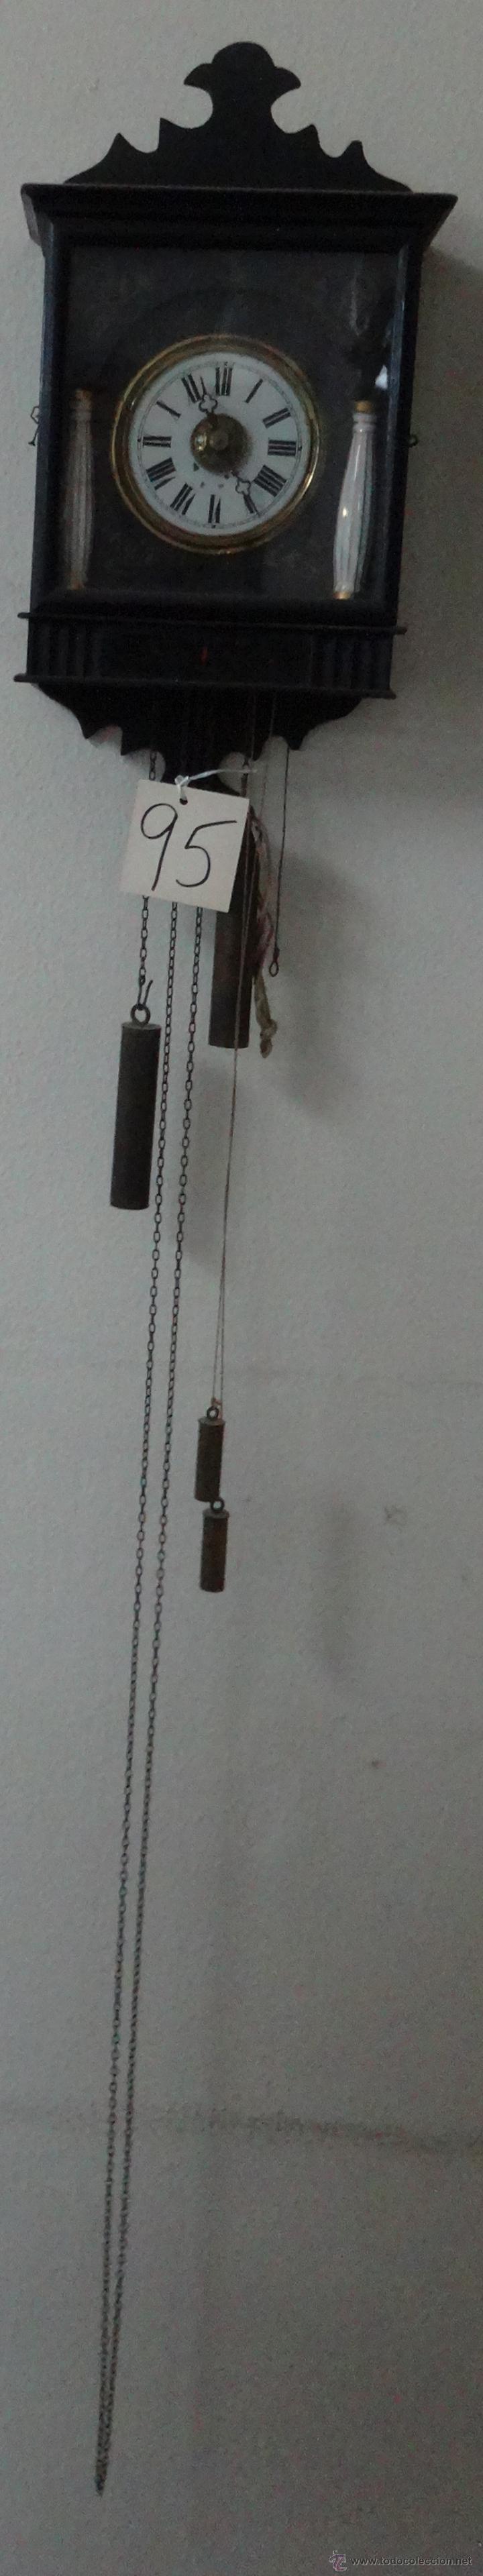 Relojes de pared: RELOJ DE PARED SELVA NEGRA CON COLUMNAS 1880 A 1915, 6000-095 - Foto 4 - 43449024